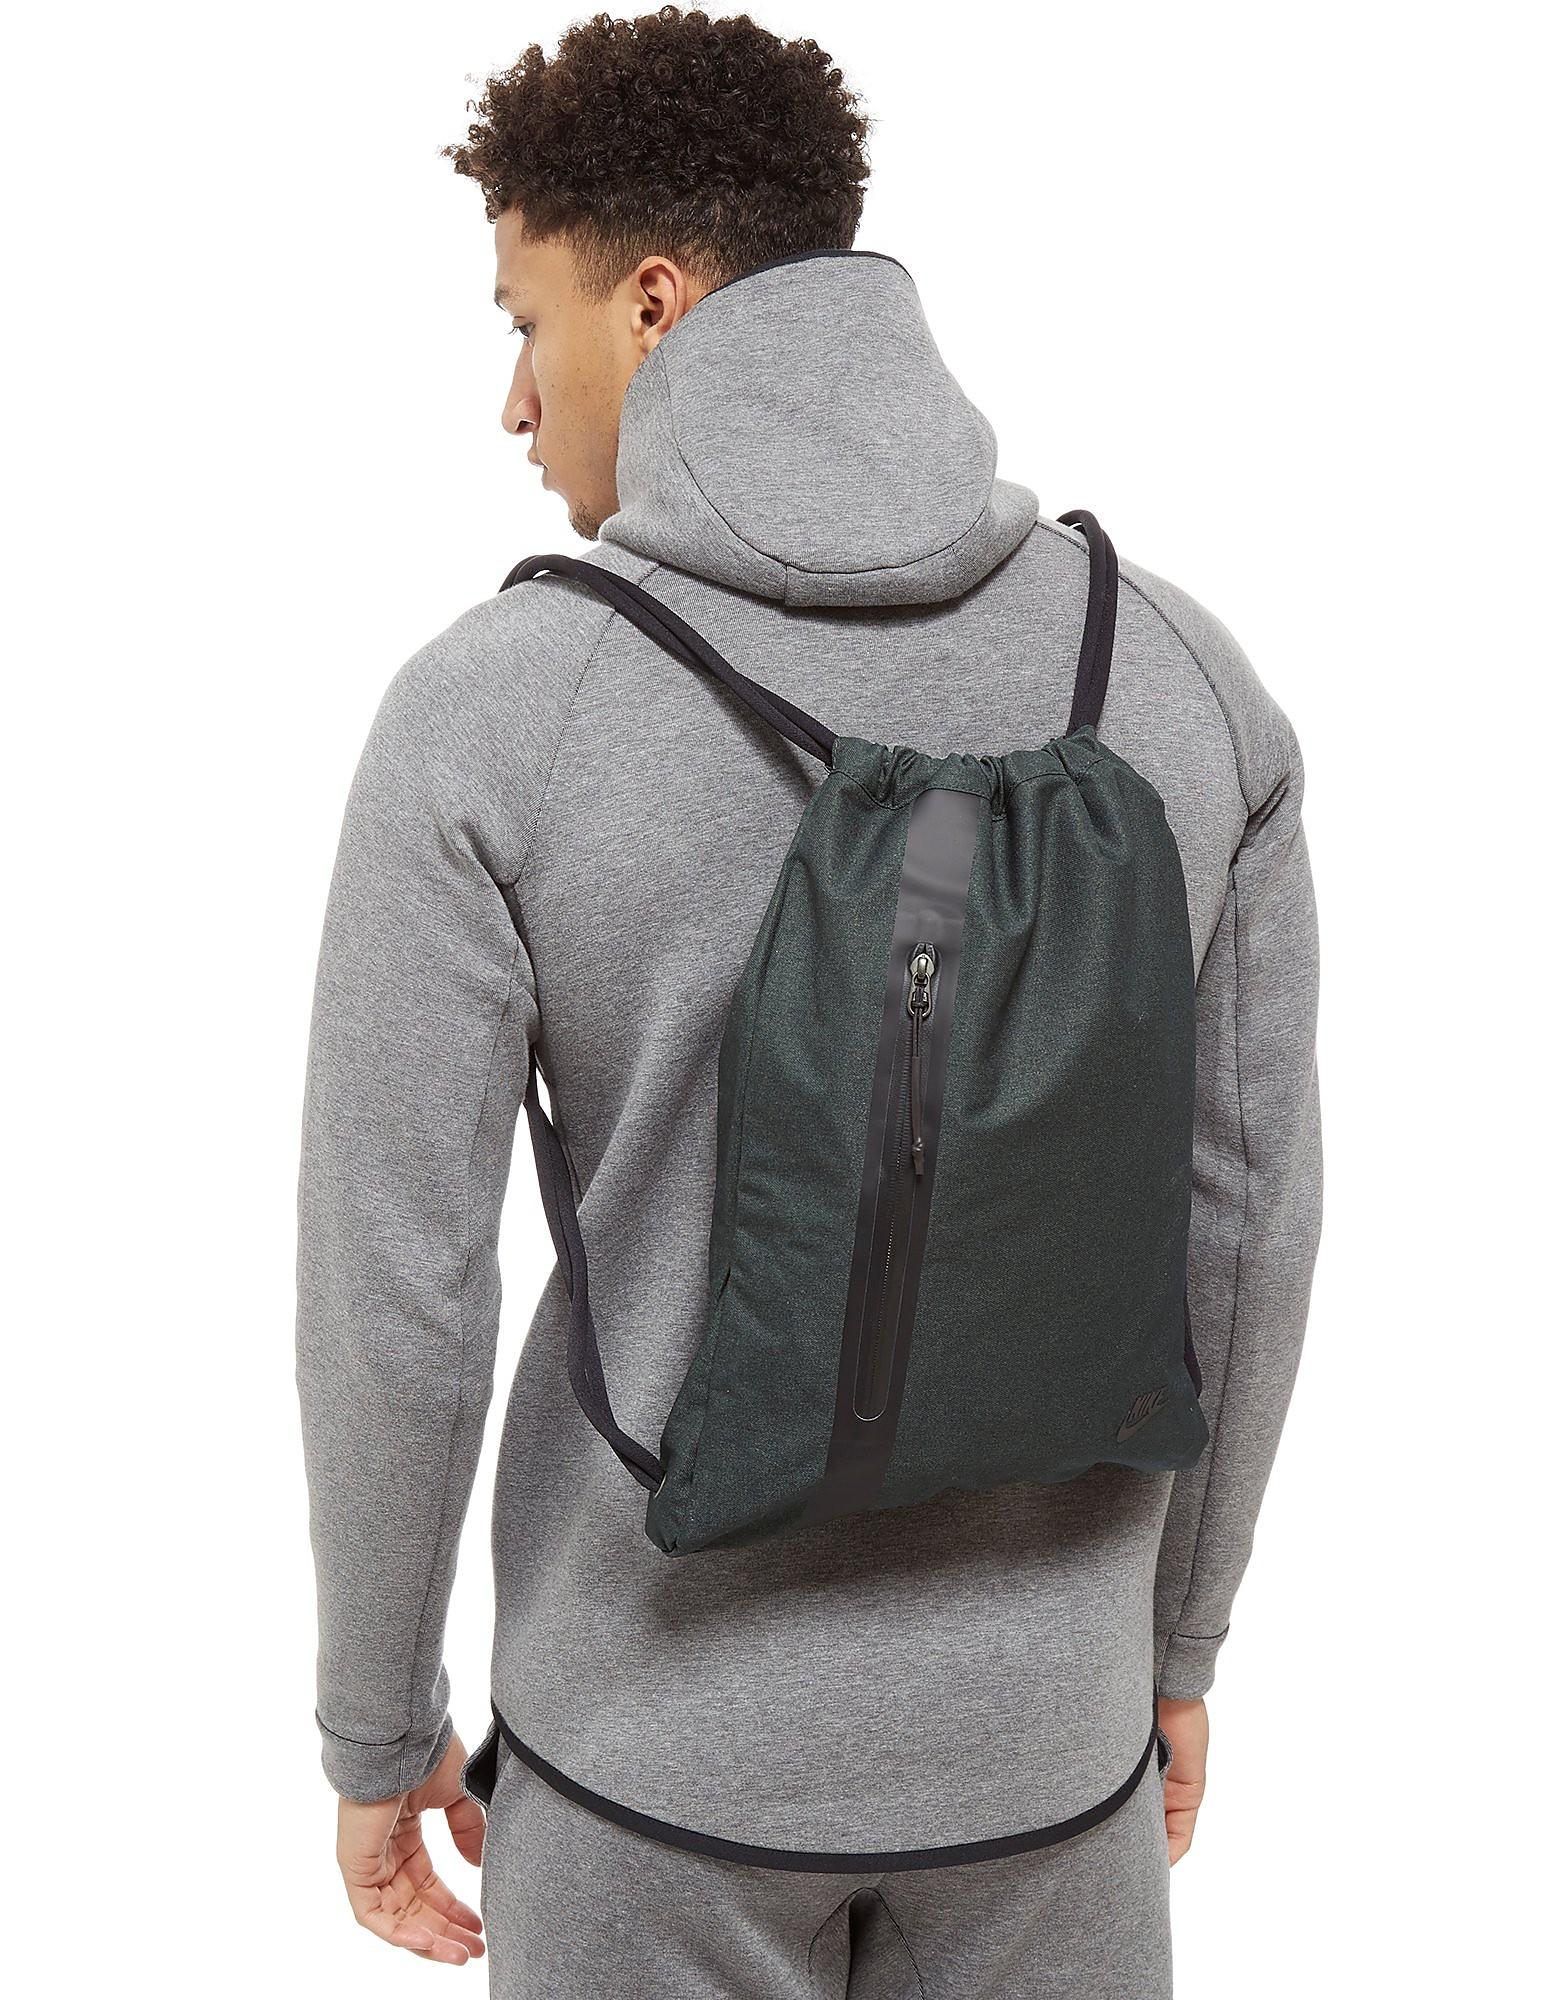 Nike Tech Gym Sack